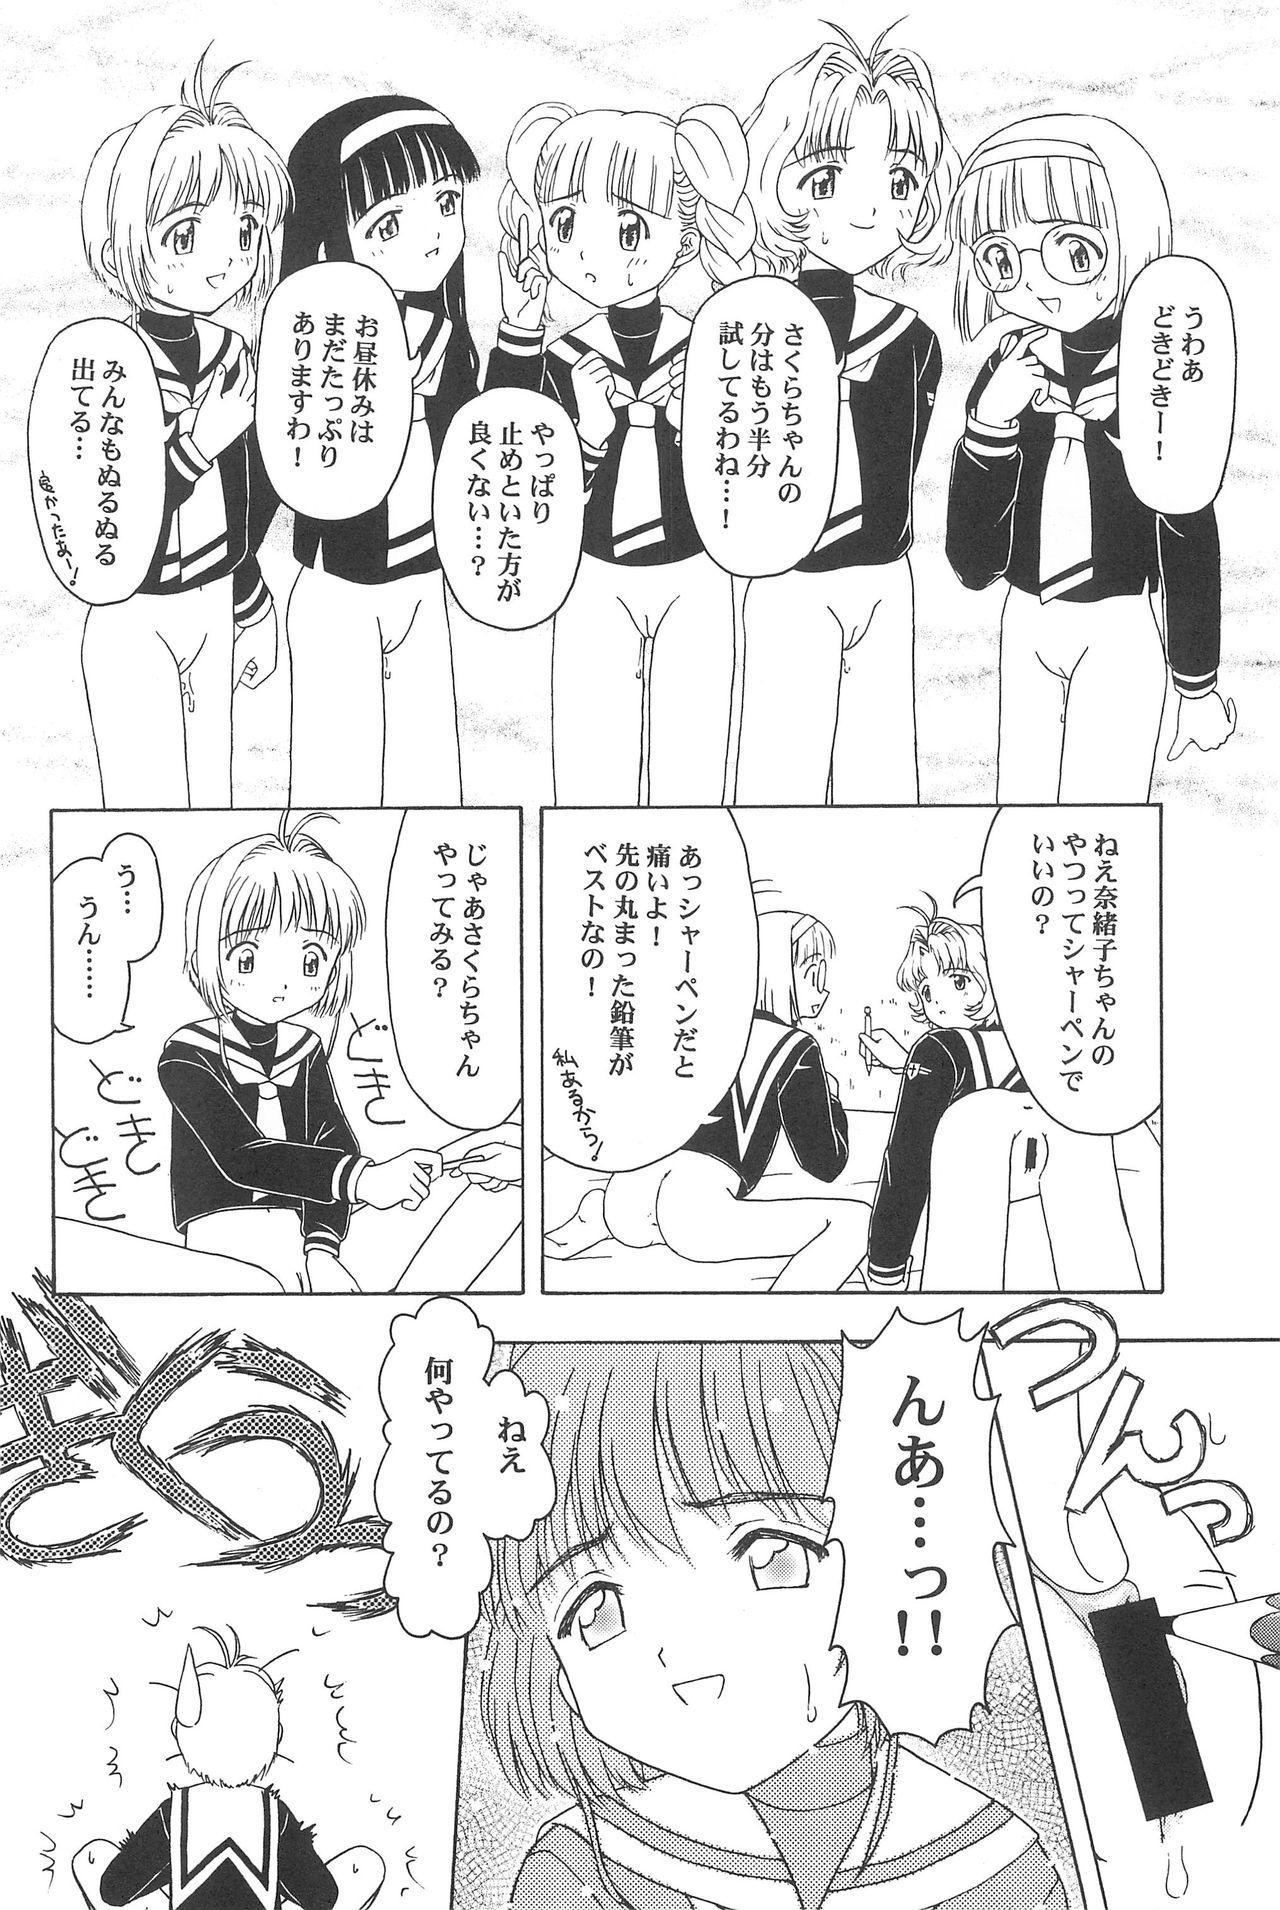 Sakura to Tomoyo ALL OF INTERCOURSE Jou 46